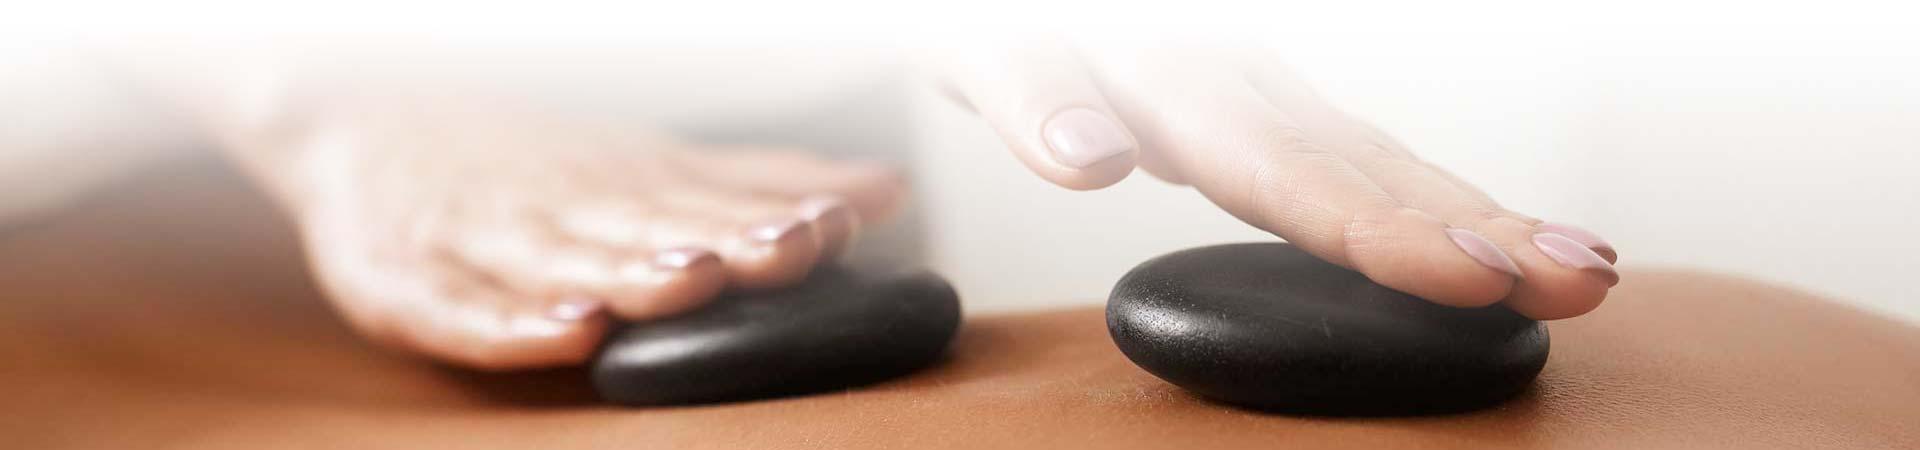 Hot Stone Massage - Massage mit heißen, dunklen Steinen